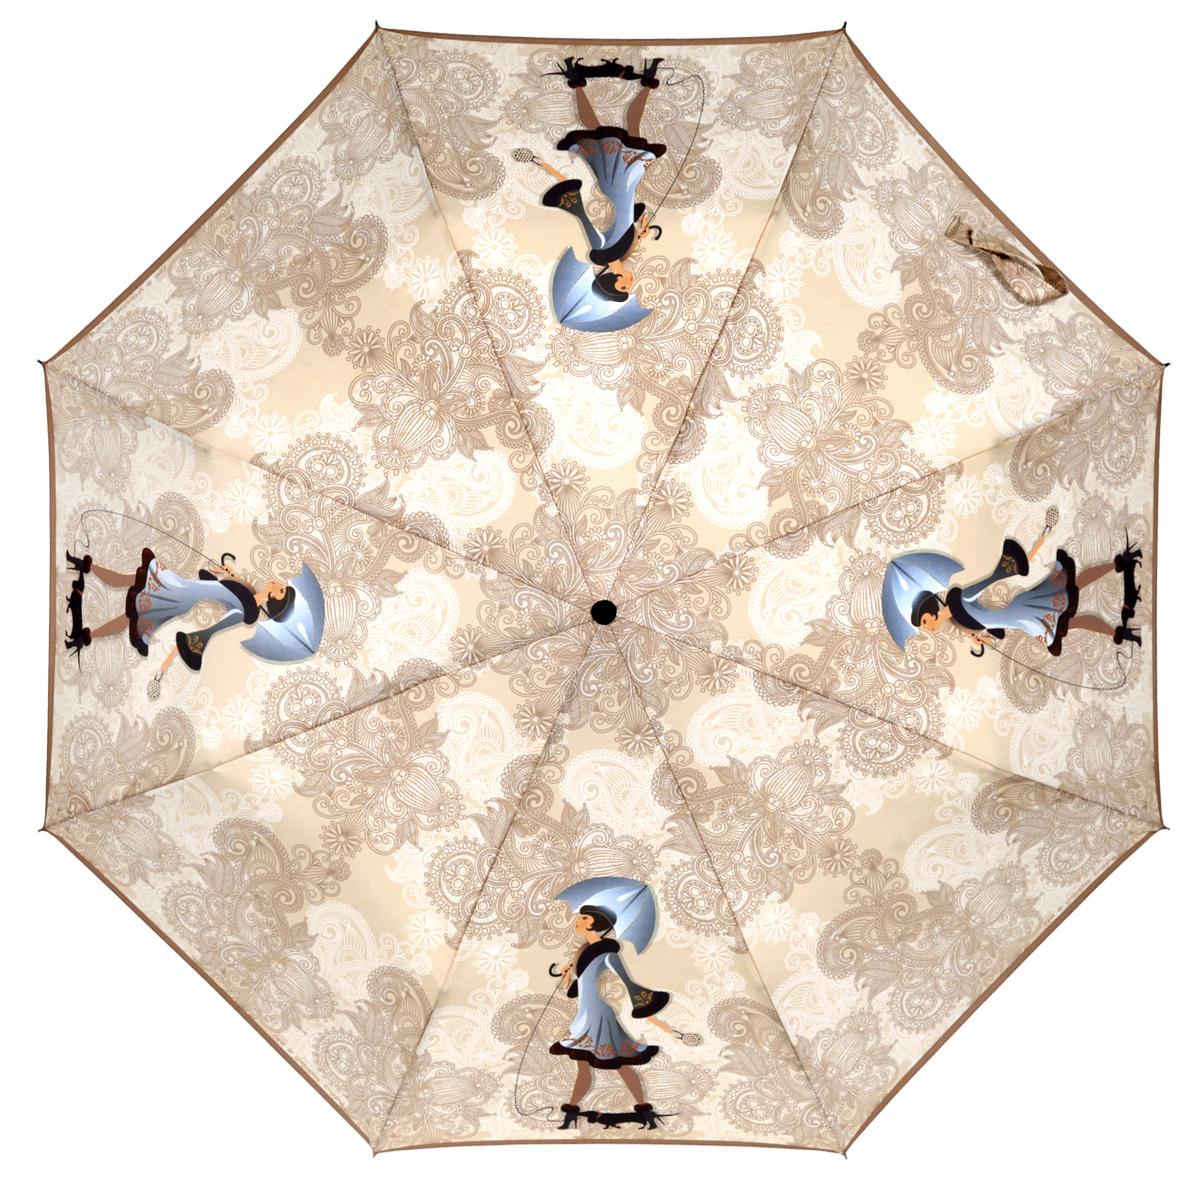 Зонт женский Zest, автомат, 3 сложения, цвет: бежевый, коричневый. 23926-270223926-2702Элегантный автоматический зонт Zest в 3 сложения изготовлен из высокопрочных материалов. Каркас зонта состоит из 8 спиц и прочного алюминиевого стержня. Специальная система Windproof защищает его от поломок во время сильных порывов ветра. Купол зонта выполнен из прочного полиэстера с водоотталкивающей пропиткой и оформлен изображением девушки с черным котом на поводке и орнаментом. Используемые высококачественные красители обеспечивают длительное сохранение свойств ткани купола. Рукоятка, разработанная с учетом требований эргономики, выполнена из пластика. Зонт имеет полный автоматический механизм сложения: купол открывается и закрывается нажатием кнопки на рукоятке, стержень складывается вручную до характерного щелчка. Благодаря этому открыть и закрыть зонт можно одной рукой, что чрезвычайно удобно при входе в транспорт или помещение. Небольшой шнурок, расположенный на рукоятке, позволяет надеть изделие на руку при необходимости. Модель закрывается при помощи хлястика...